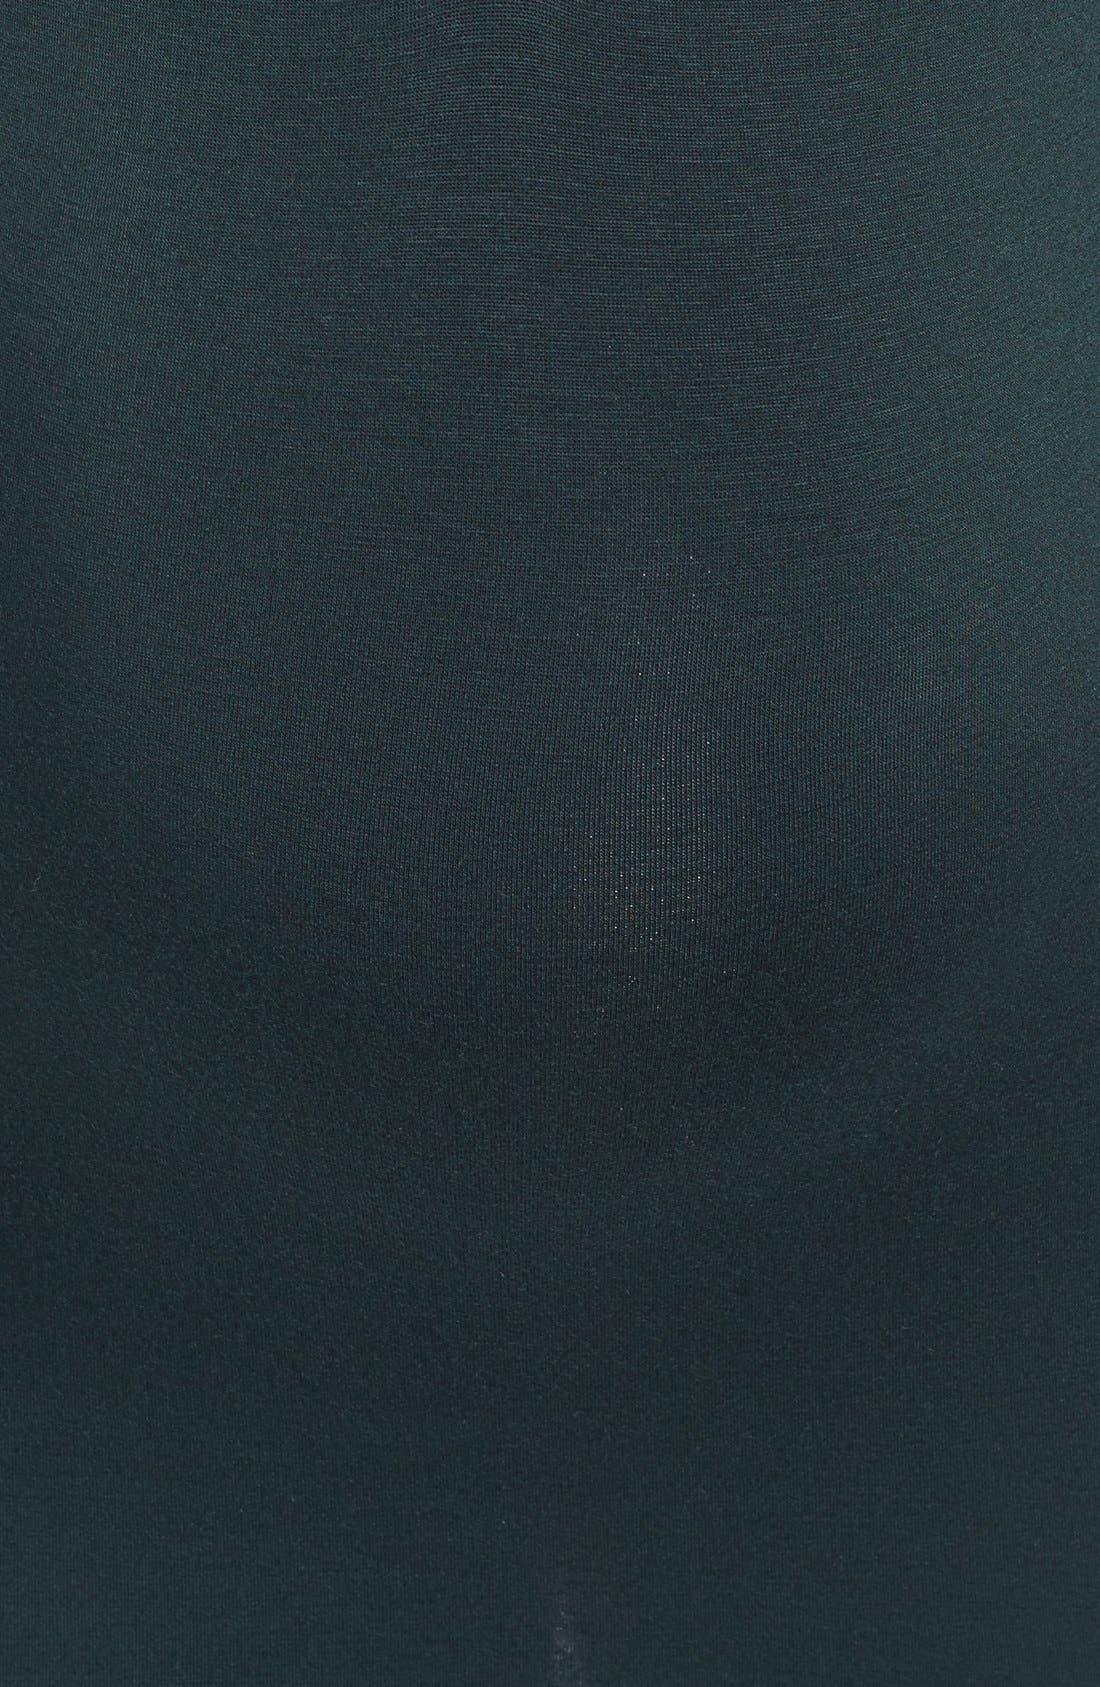 'Jenn' Maternity/Nursing Top,                             Alternate thumbnail 5, color,                             Hunter W/ Black Cuff